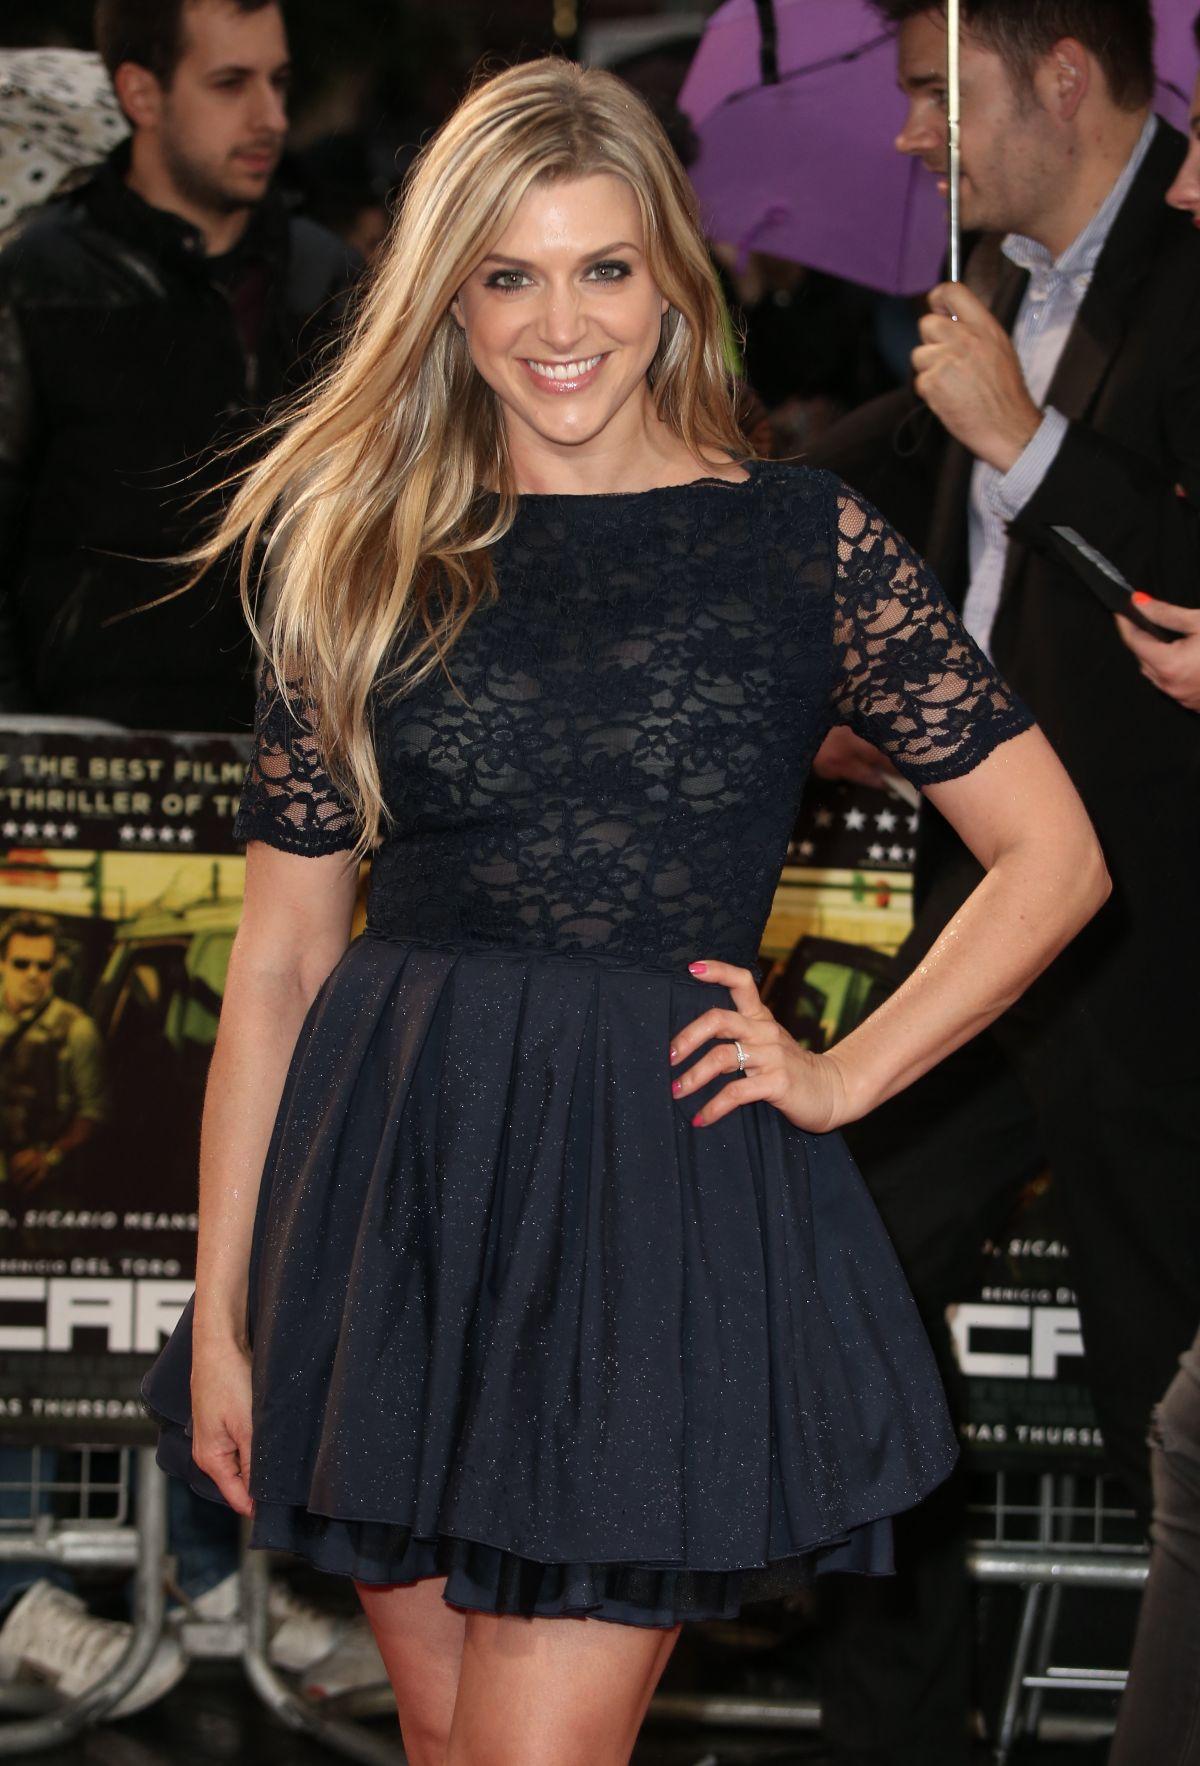 ANNA WILLIAMSON at Sicario Premiere in London 09/21/2015